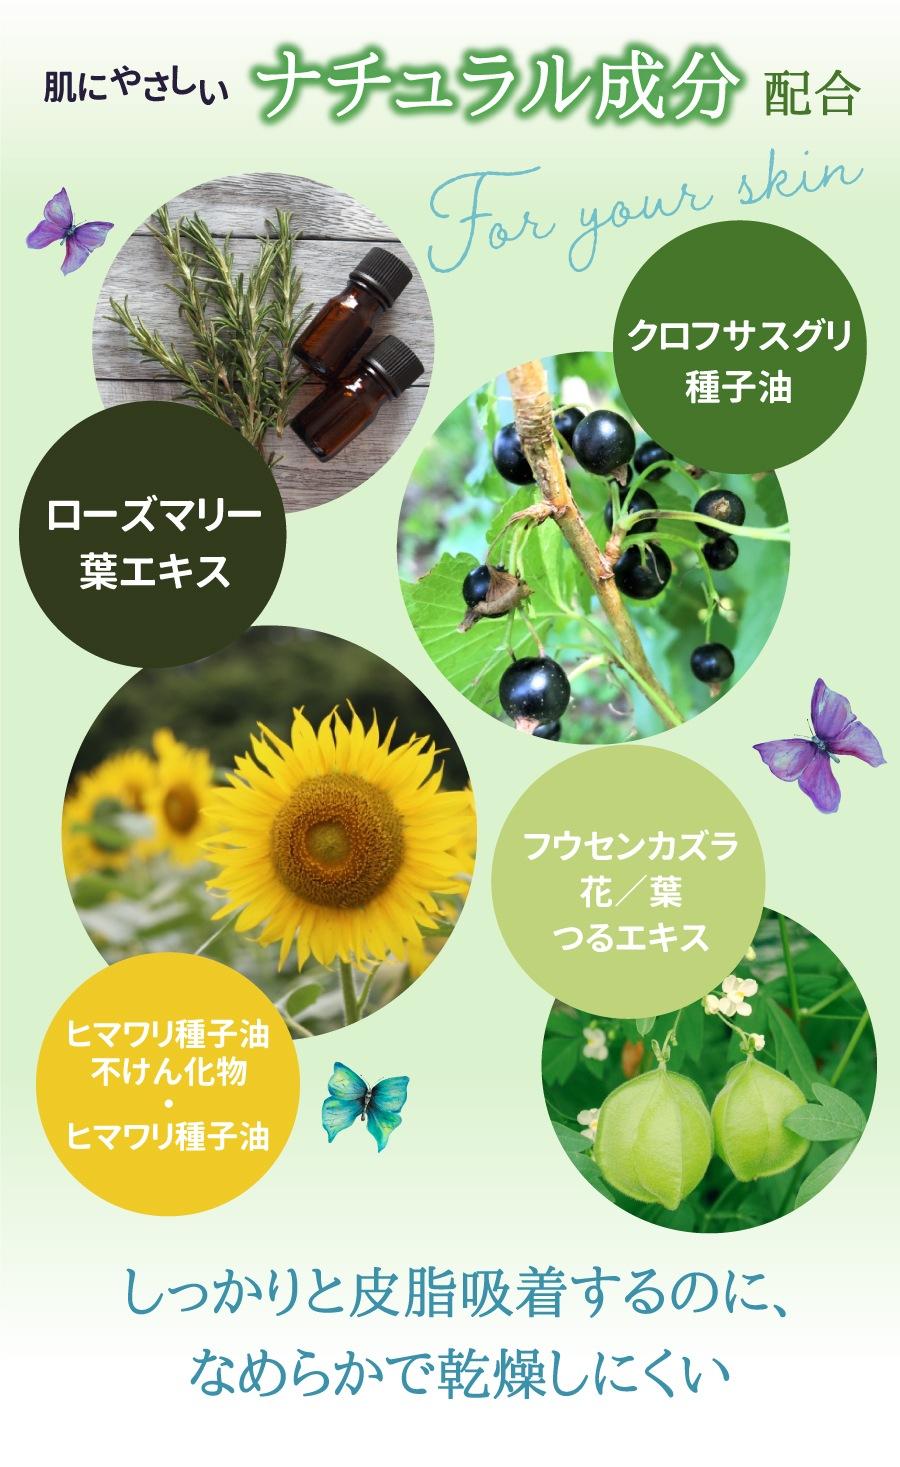 肌にやさしいナチュラル成分配合 ローズマリー葉エキス クロフサスグリ種子油 ヒマワリ種子油 フウセンカズラ 花・葉・つるエキス